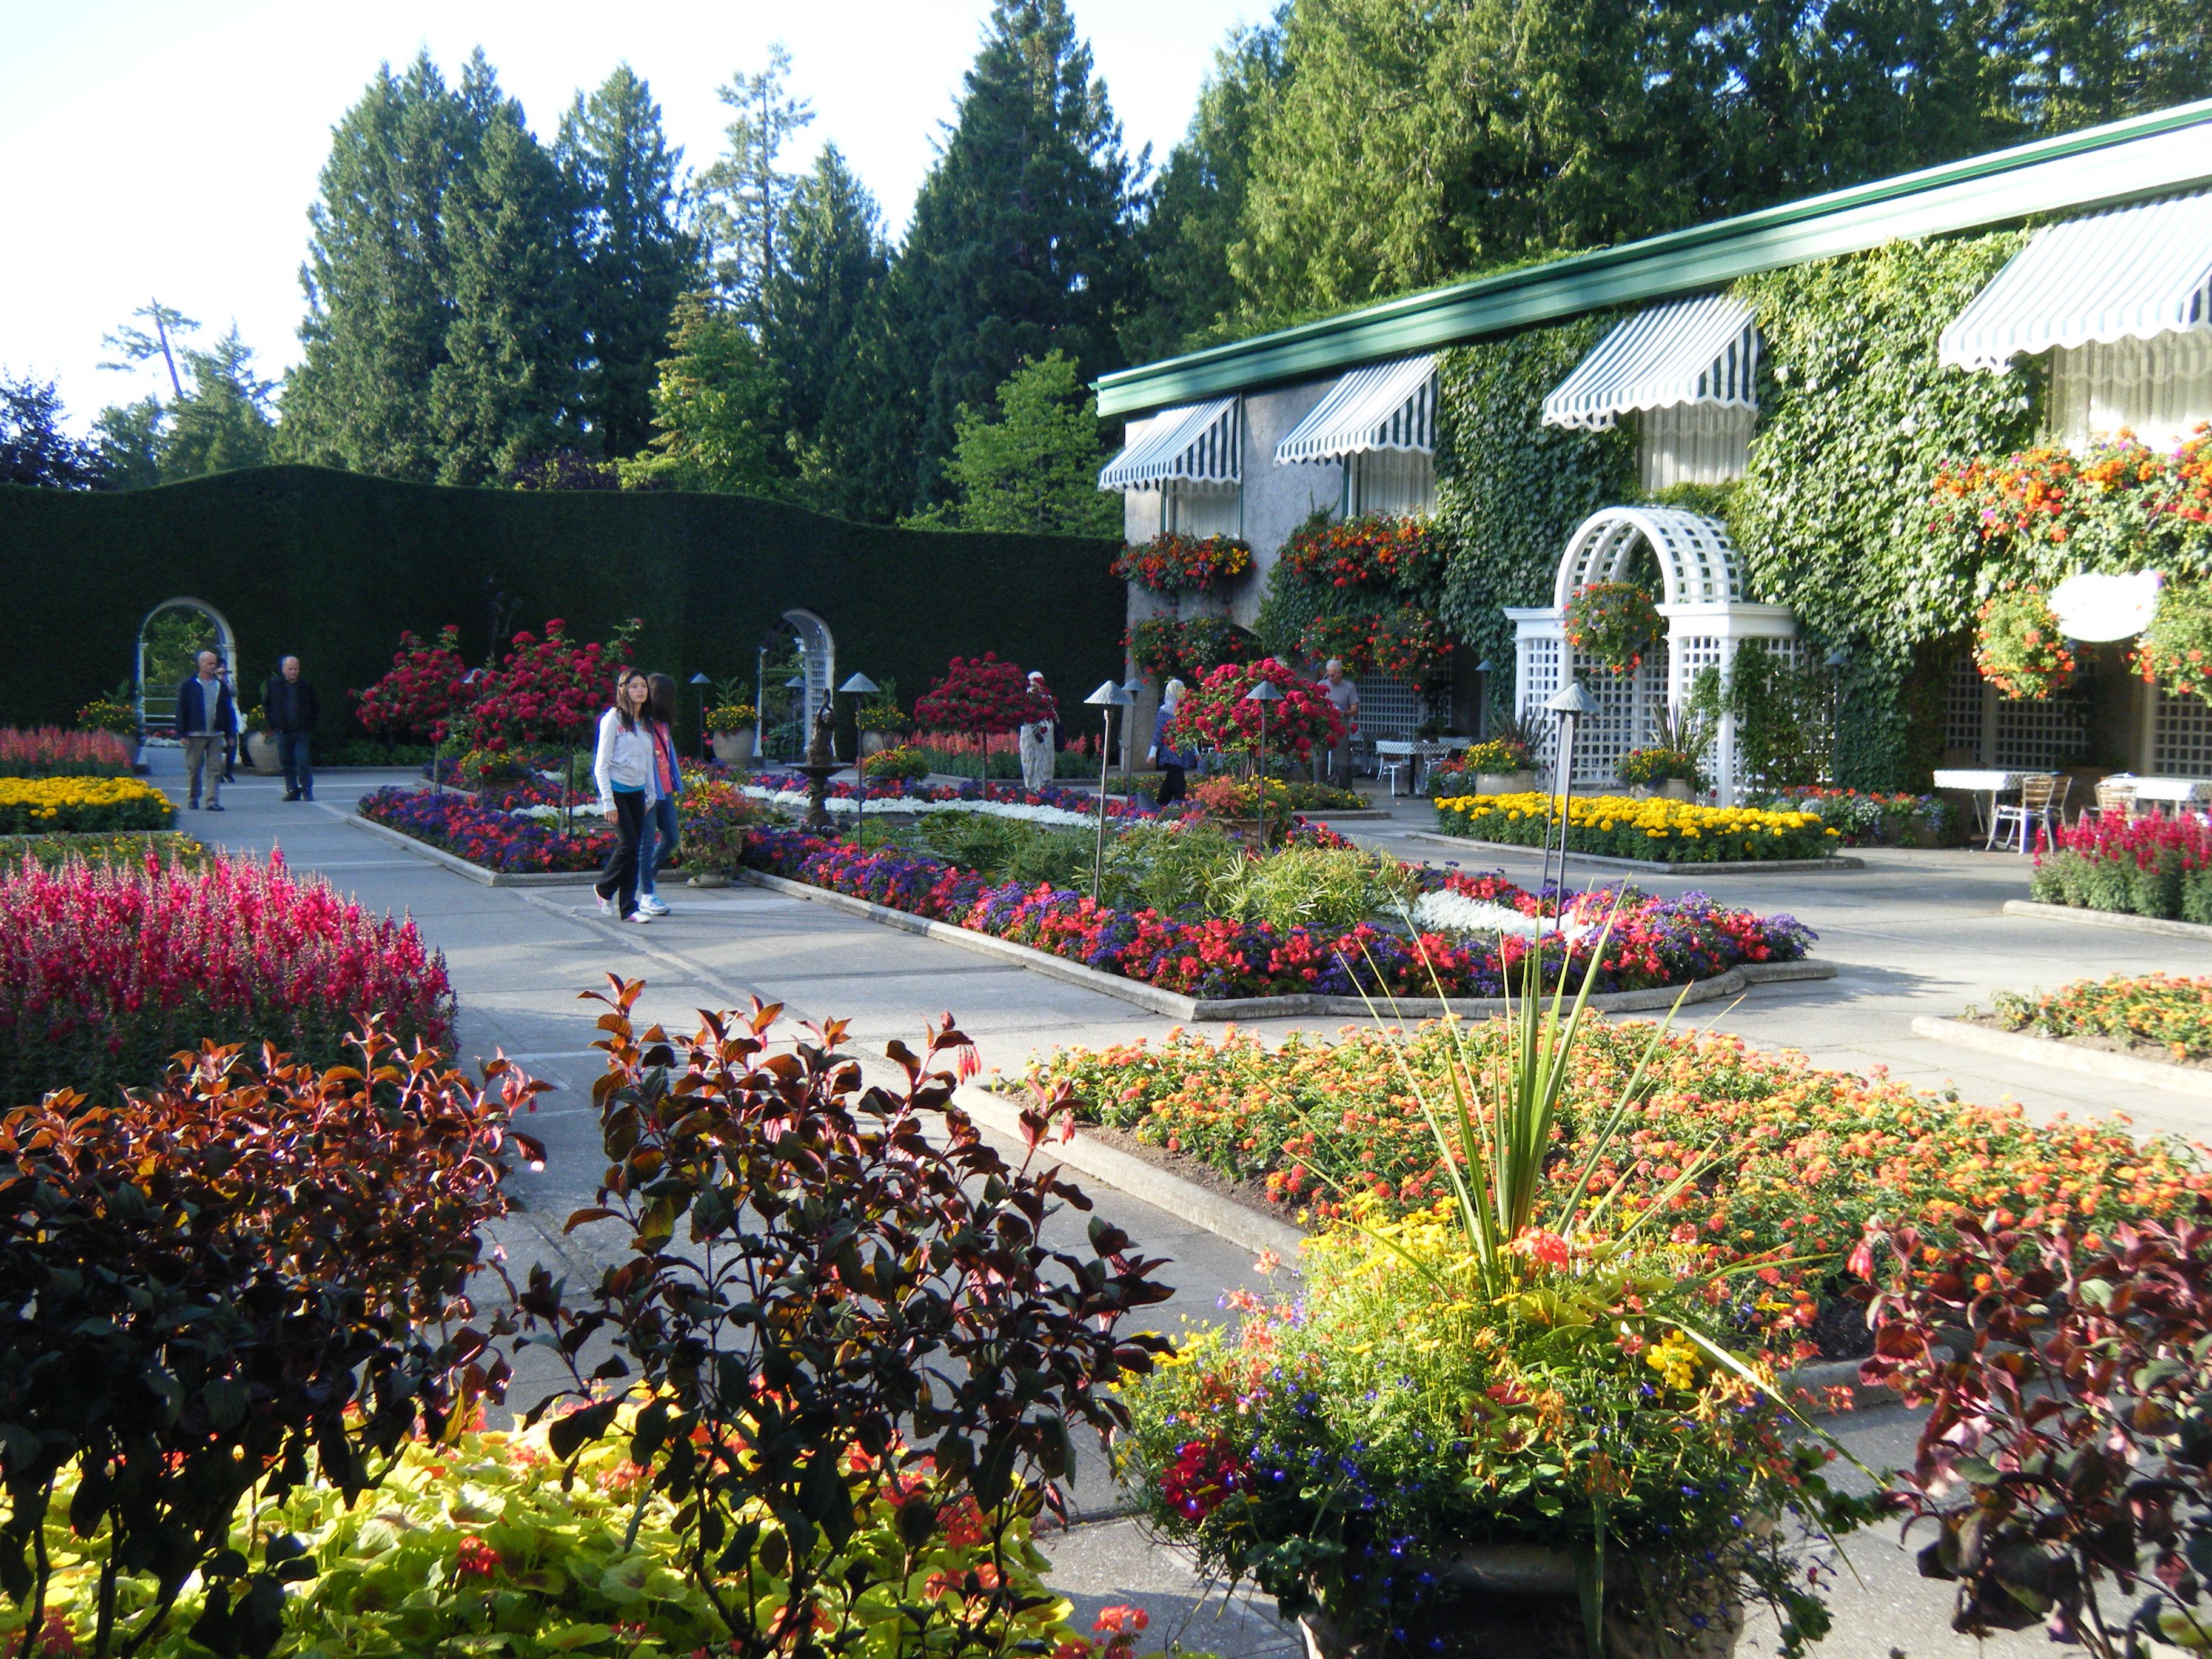 A visit to butchart gardens hortophile my new garden for Garden giardini